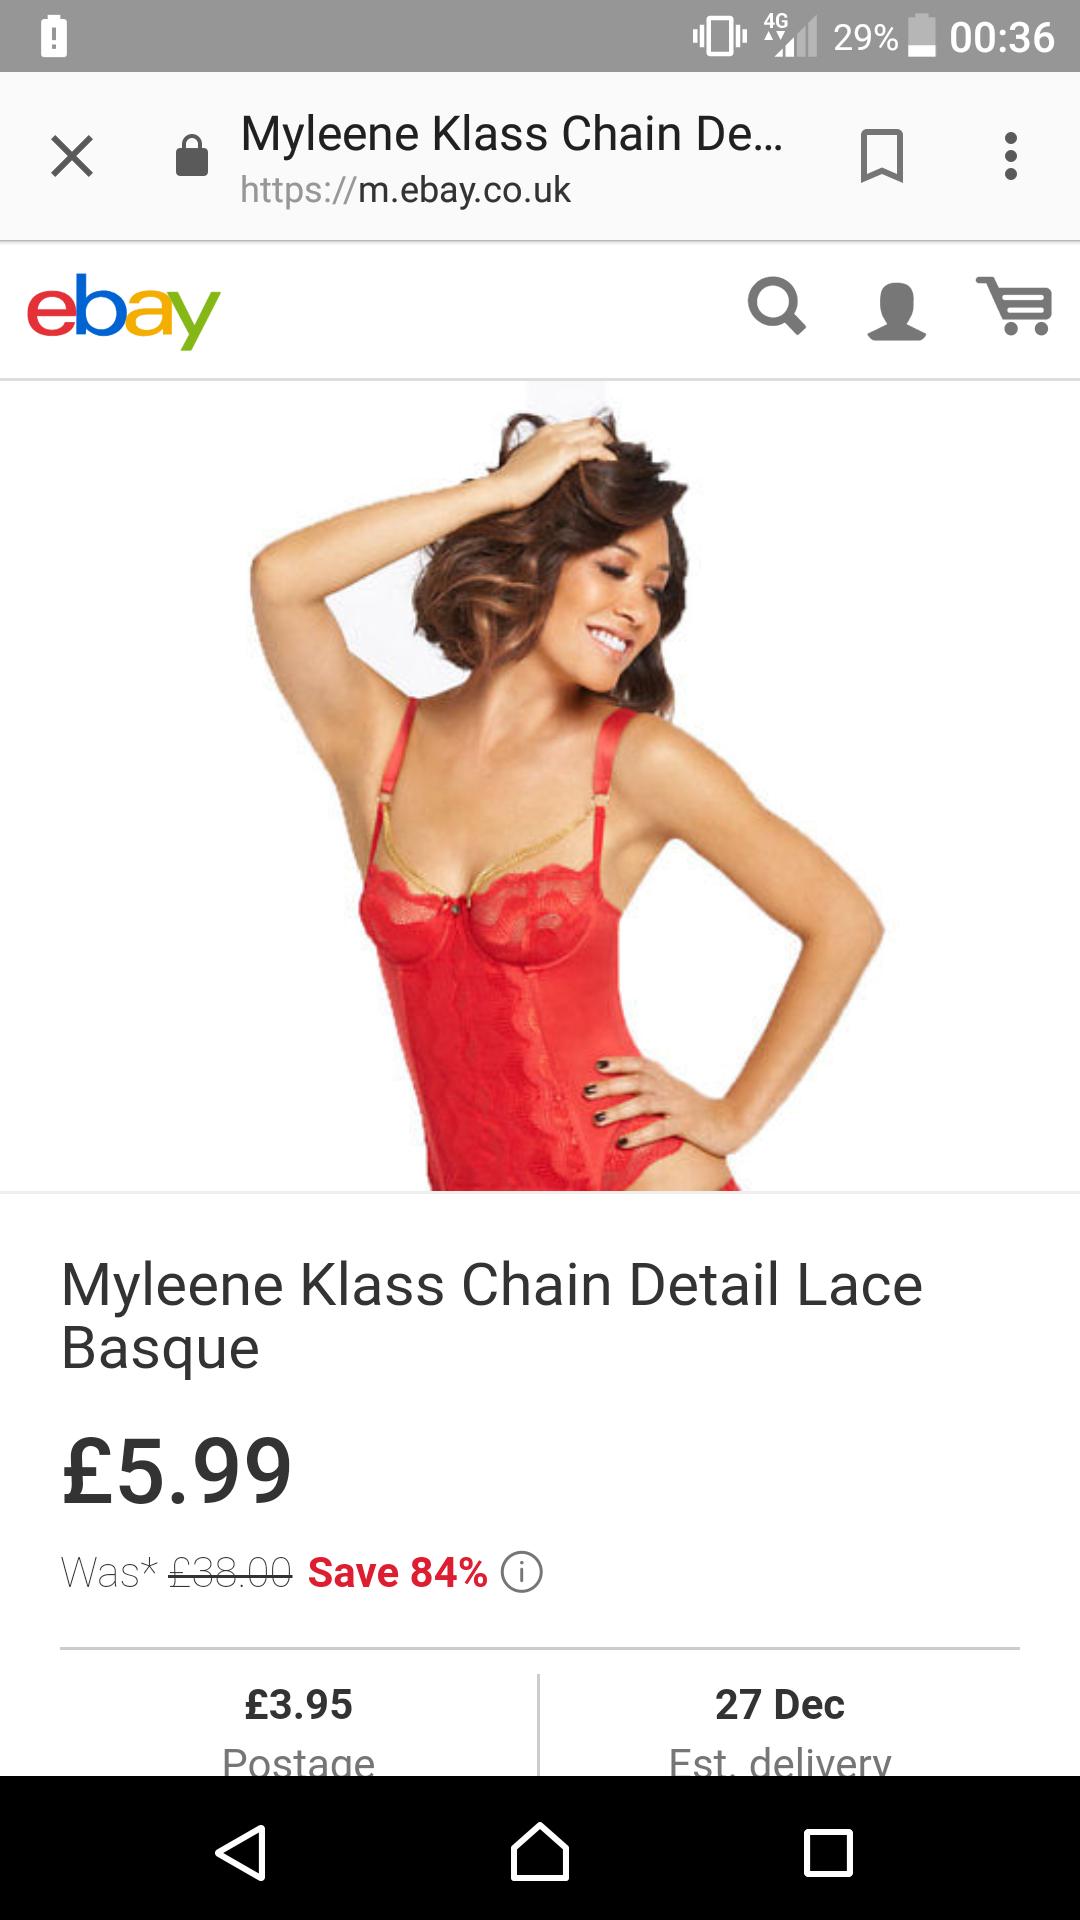 Myleene klass basque ( seller littlewoods)  on ebay for £9.94